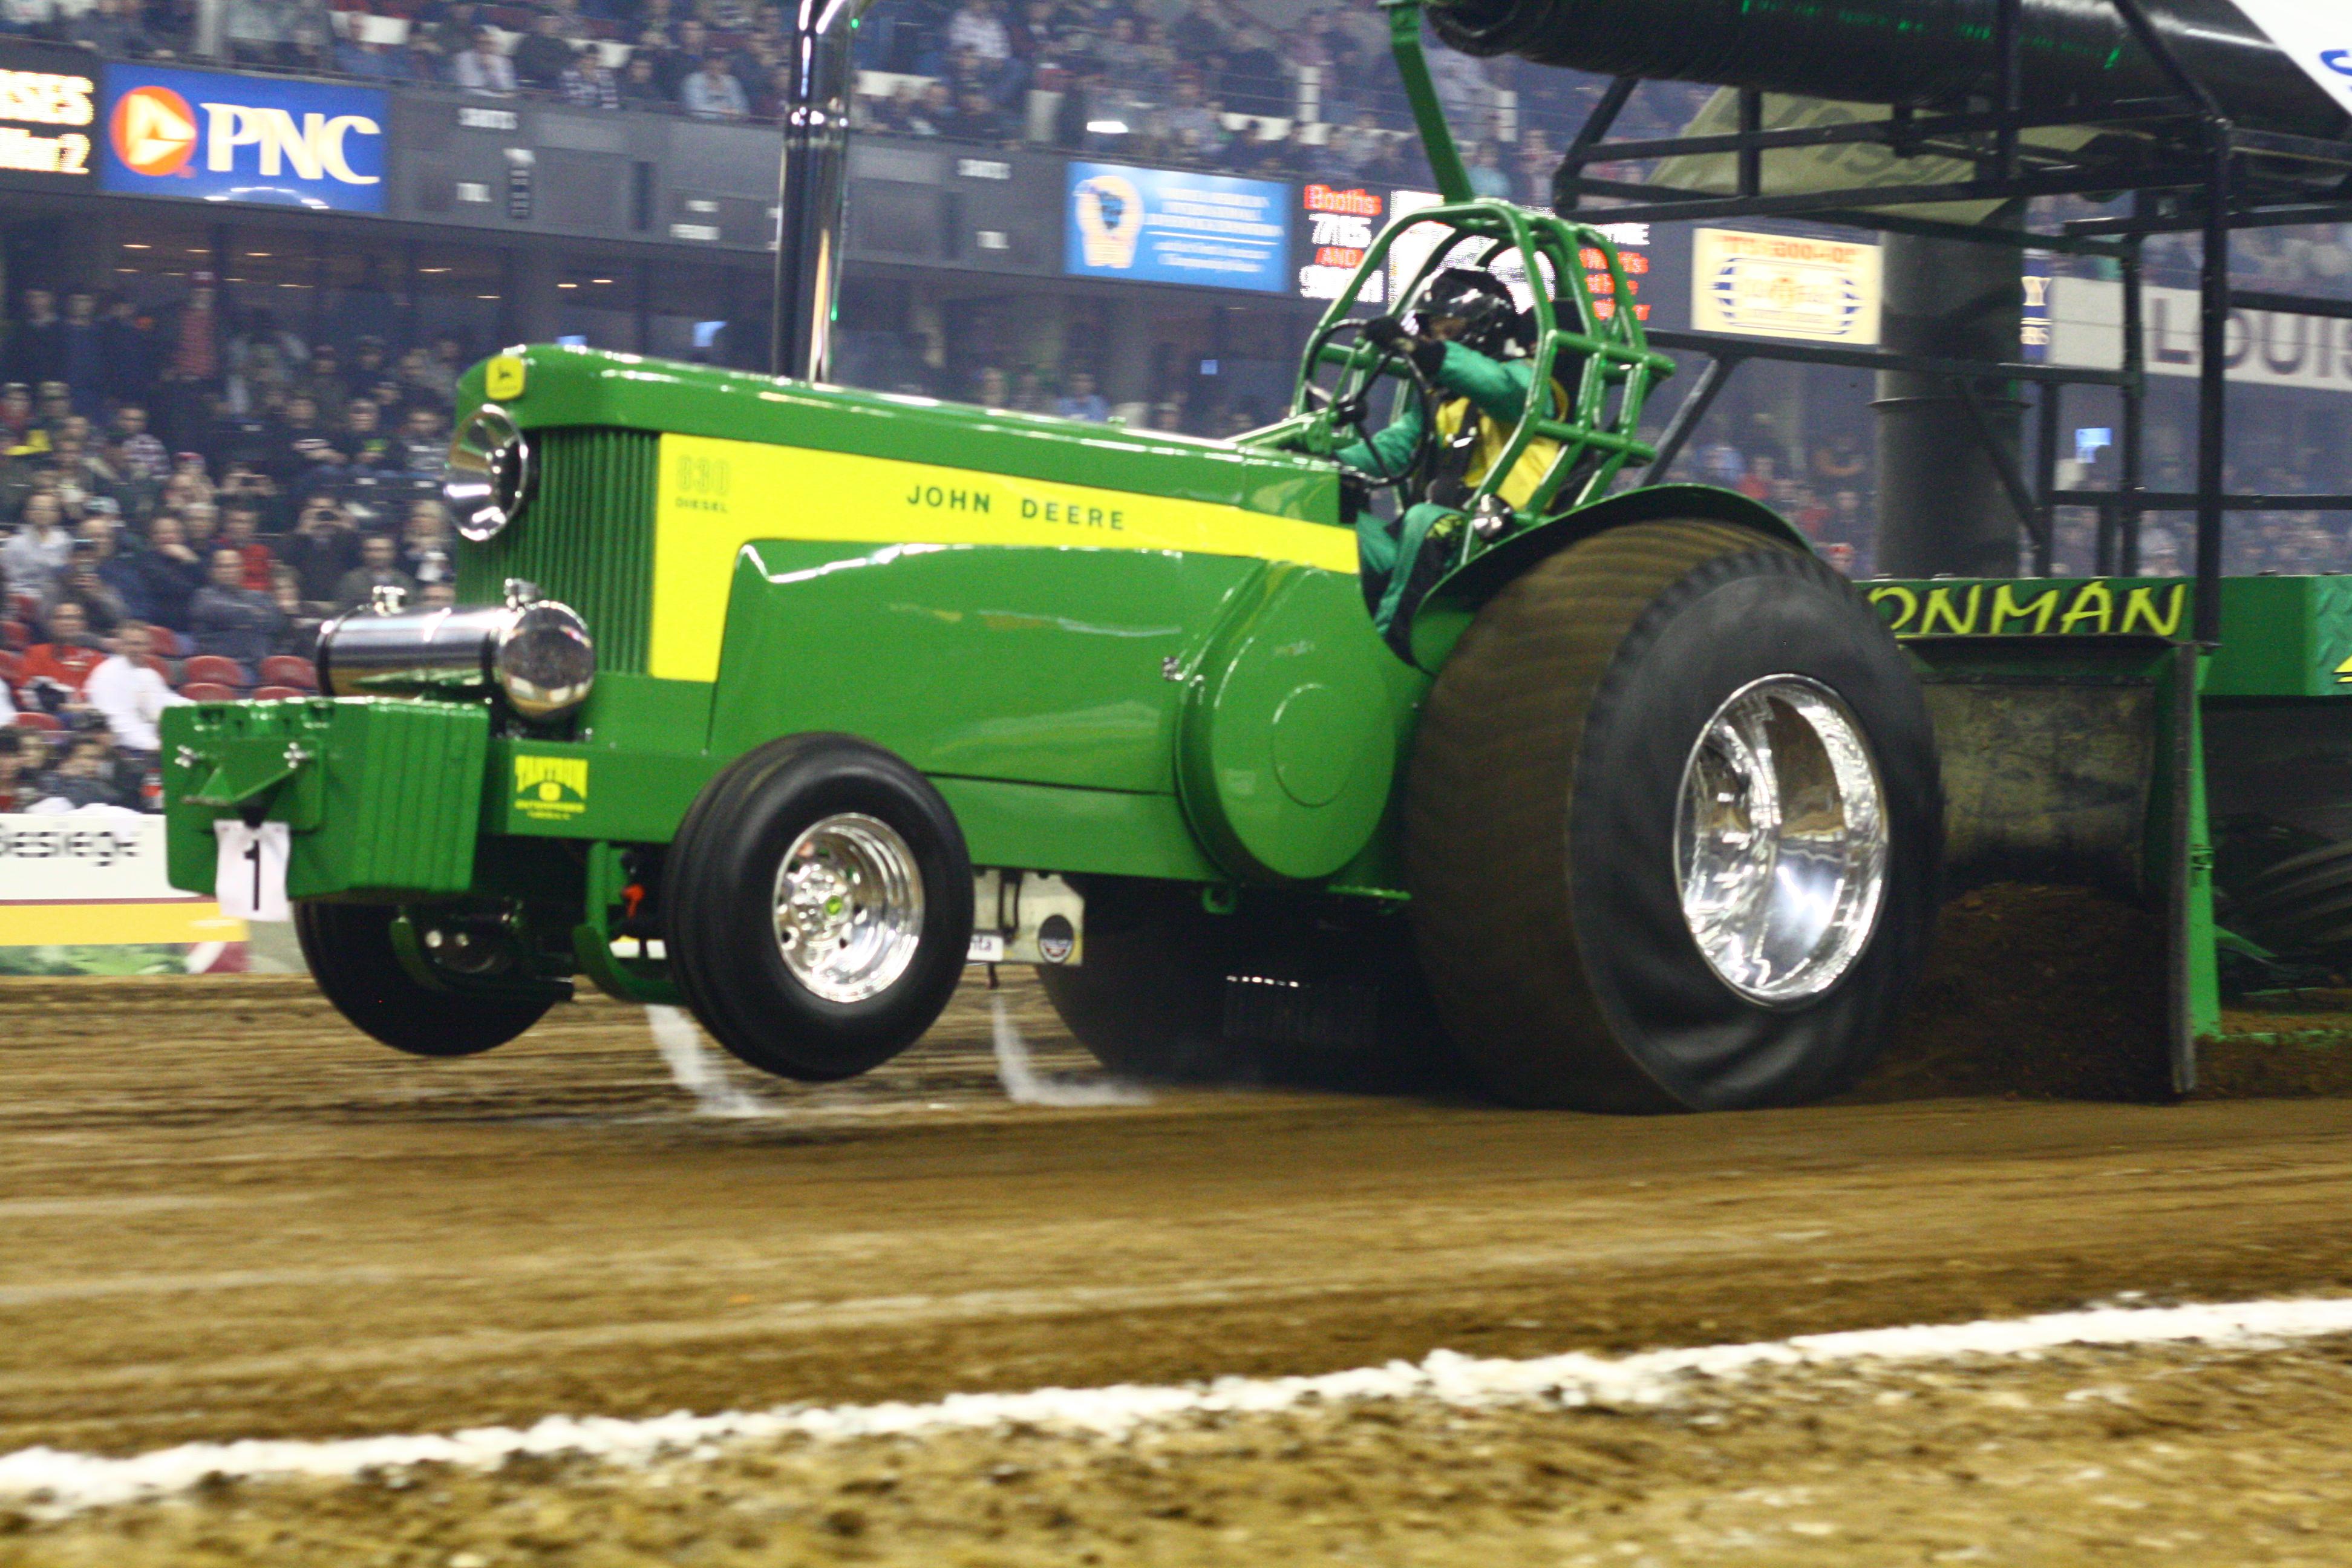 John Deere Tractor Wallpaper WallpaperSafari